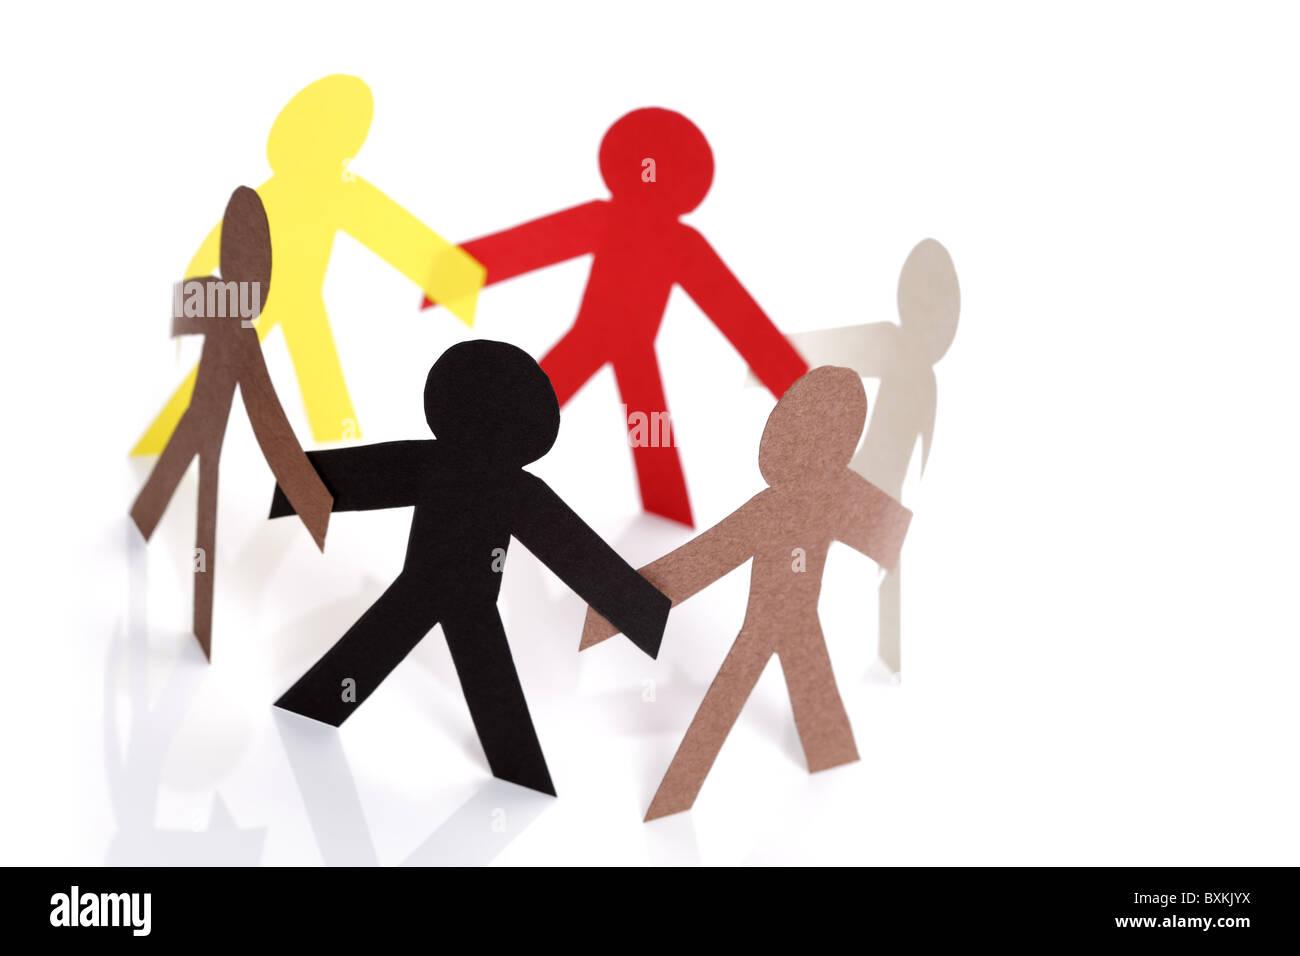 Comunidad y amistad Imagen De Stock